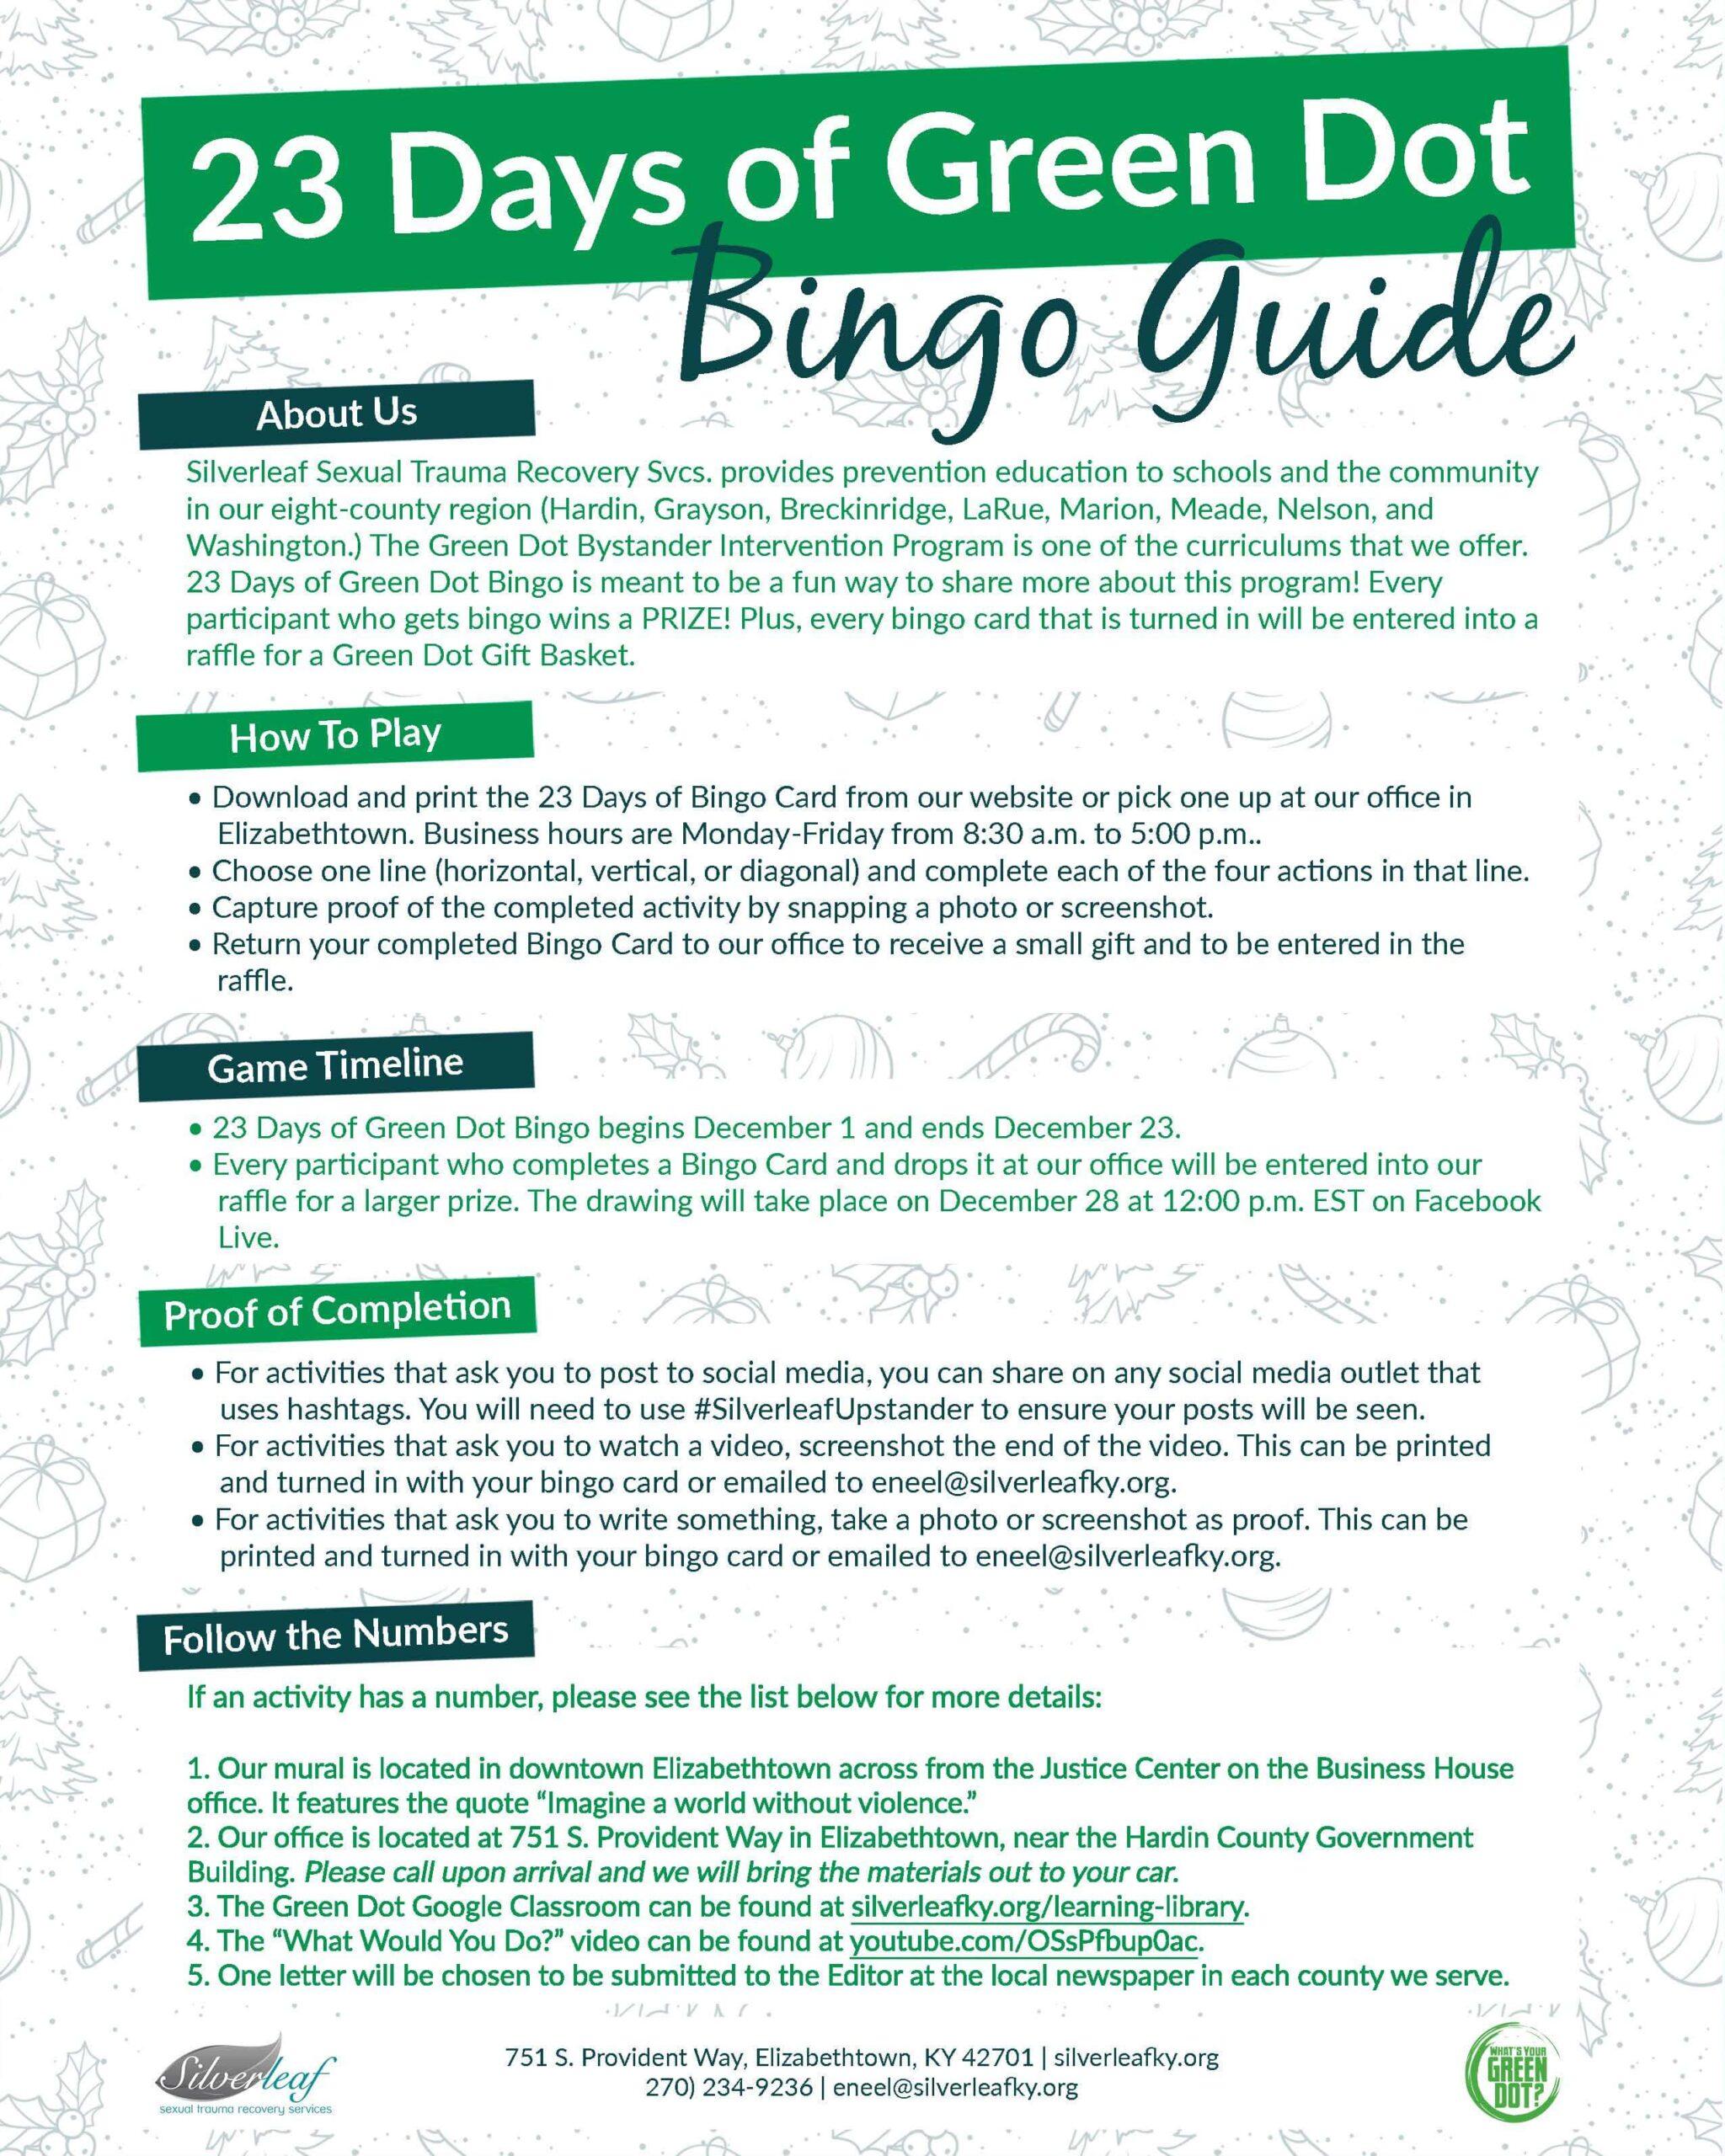 23 Days of Green Dot Bingo Guide